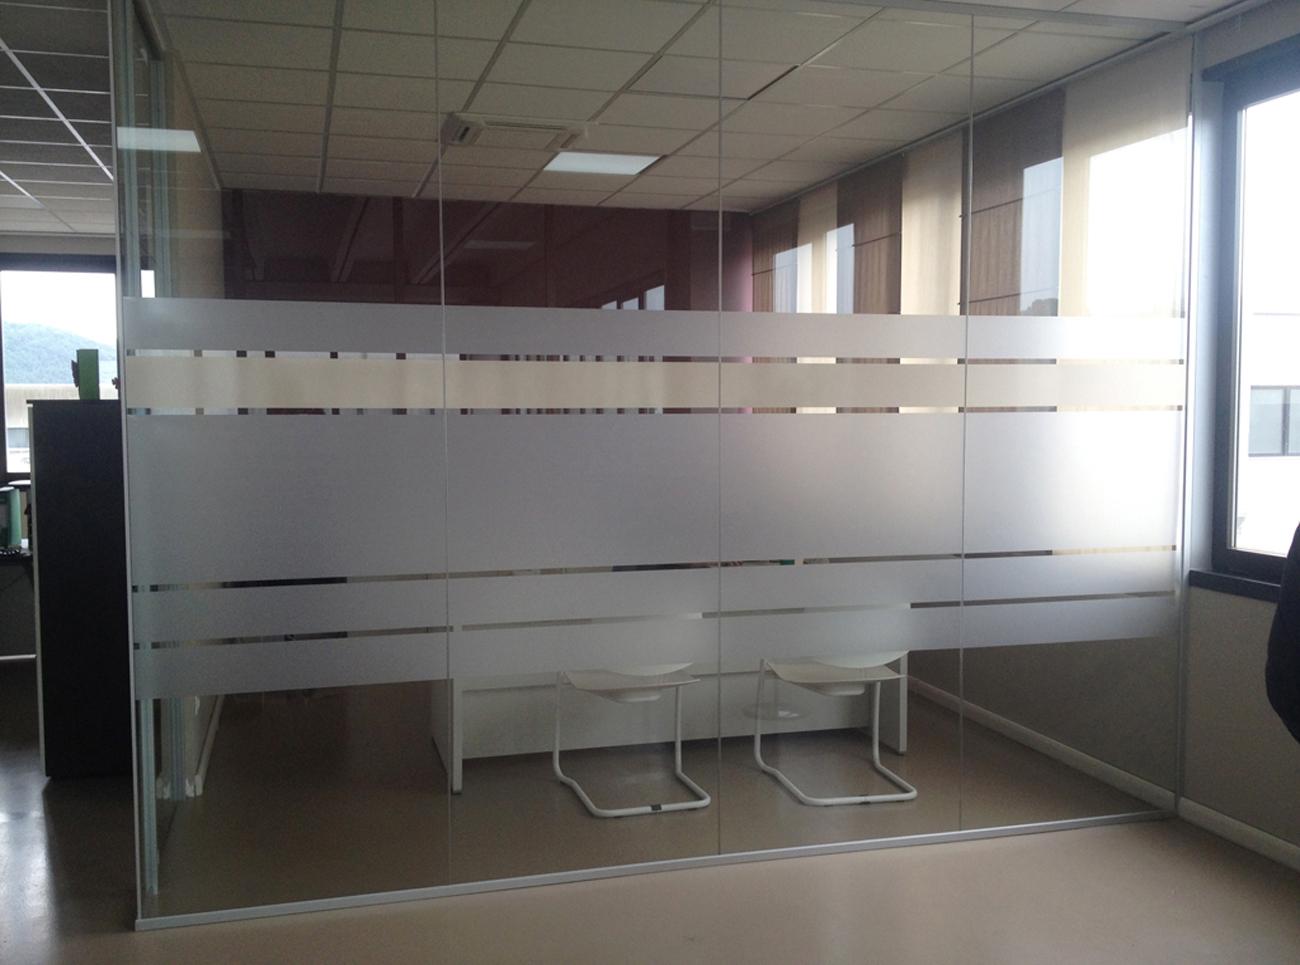 Decorazione pareti vetrate ufficio con pellicola smerigliata e beige art stick - Decorazione pareti interne ...